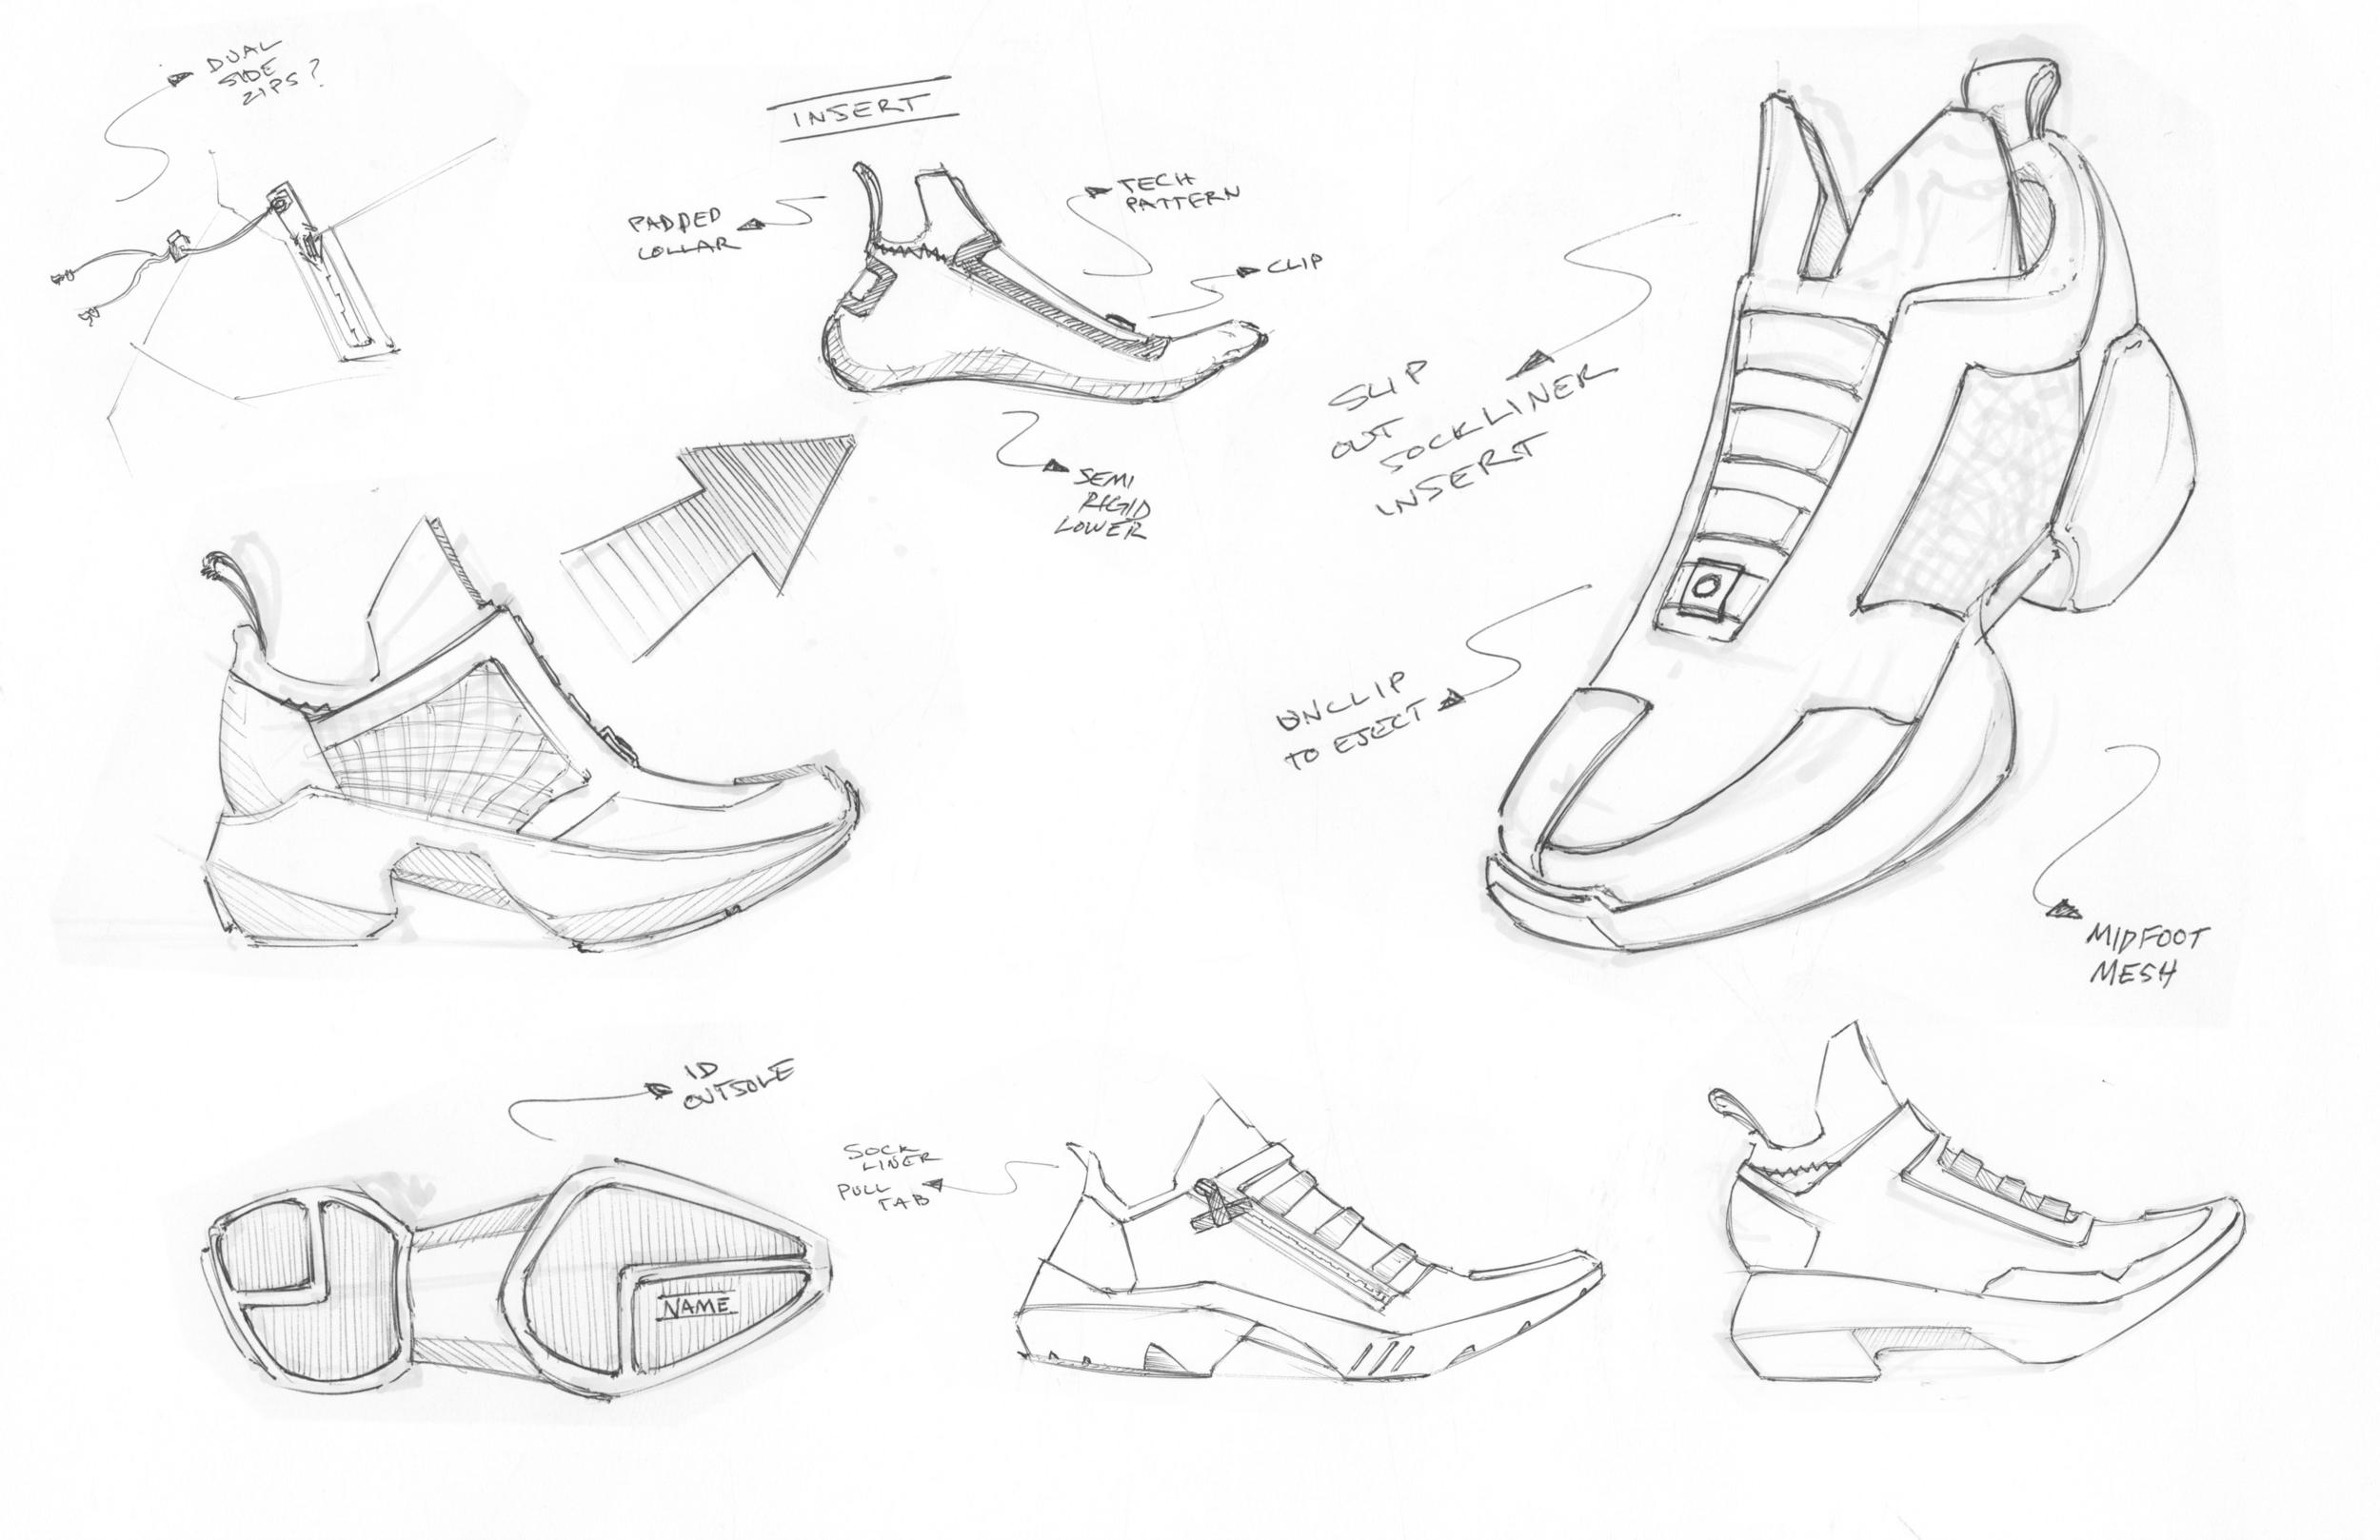 hyper adapt liner concept sketch.png